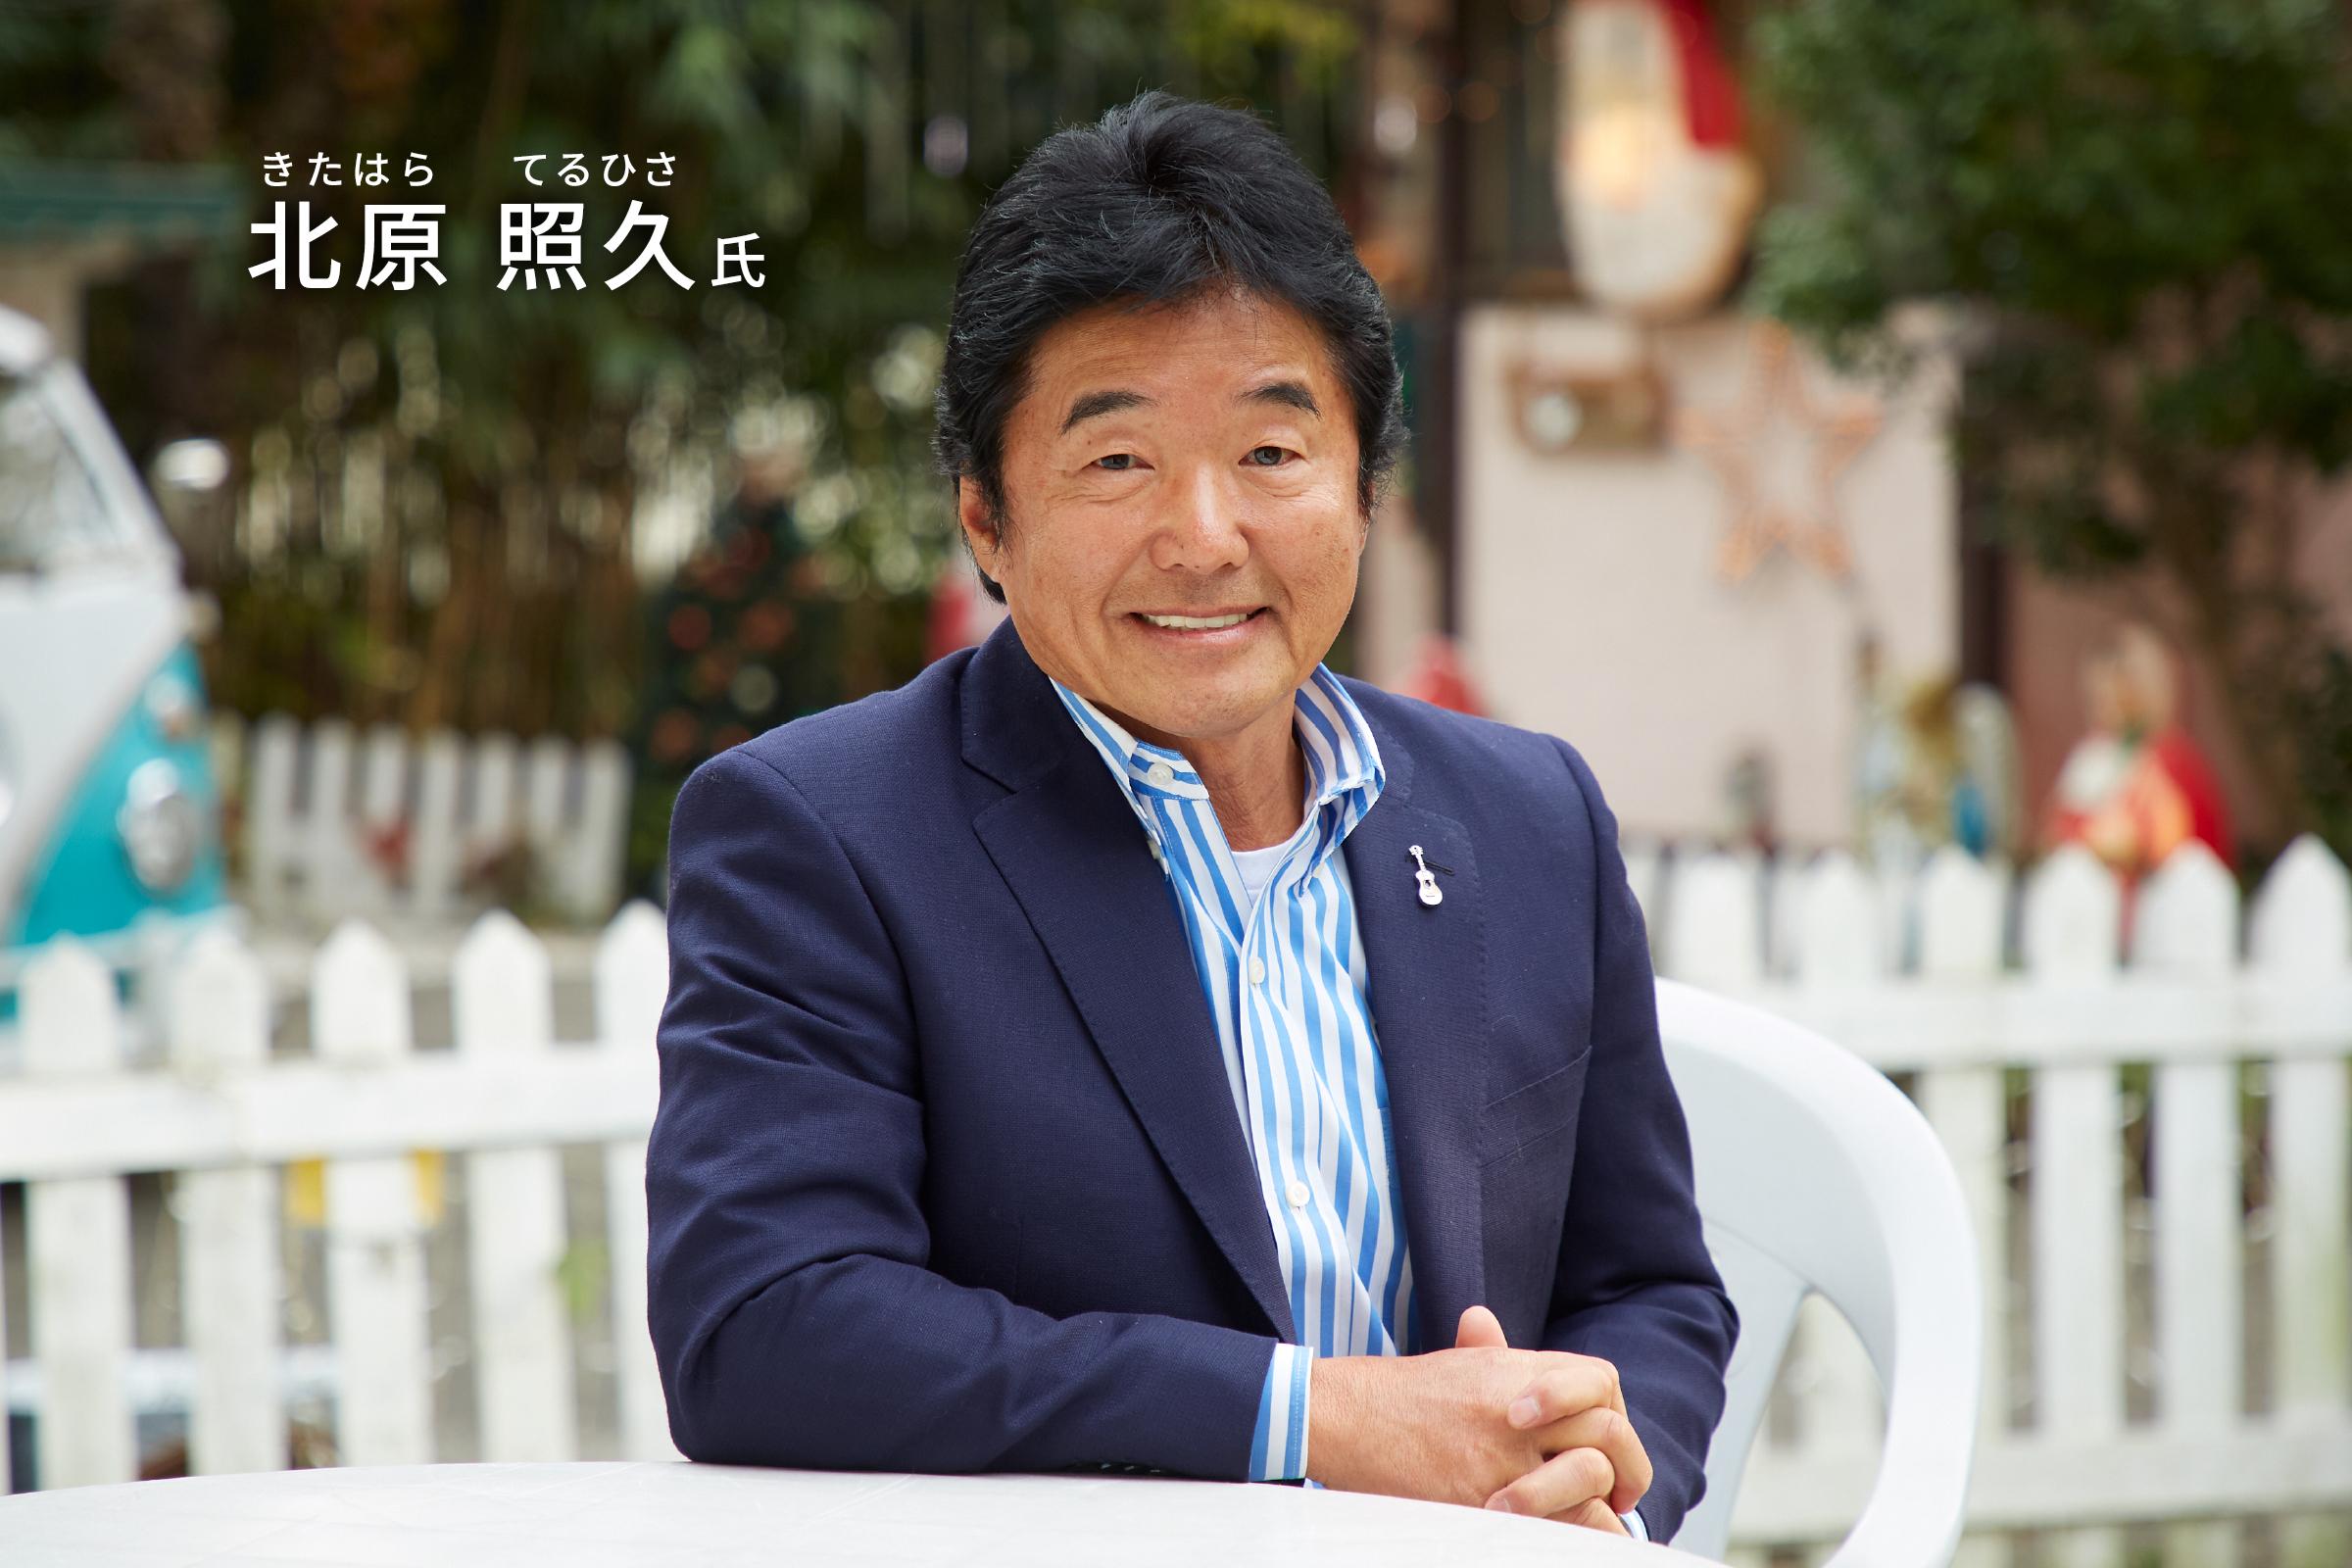 北原 照久氏 | スペシャルインタビュー | 5-56 を知る | 呉工業株式会社